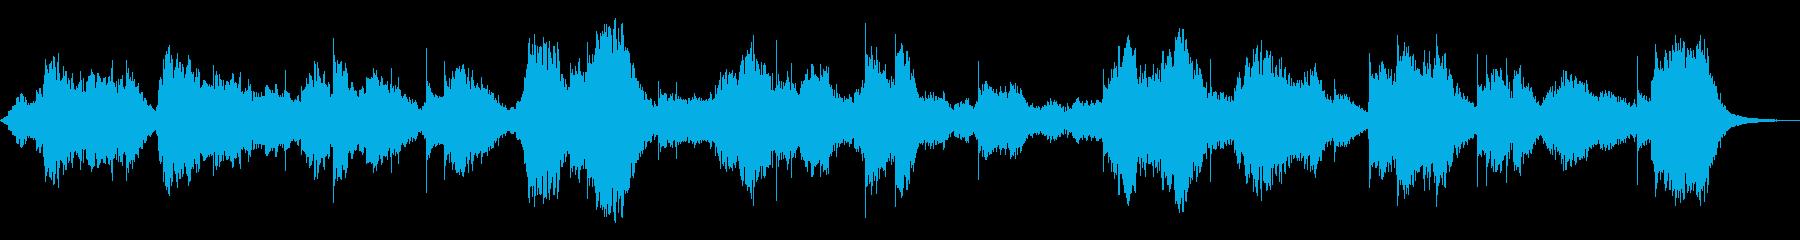 意識と無意識の境、無調性音楽の再生済みの波形